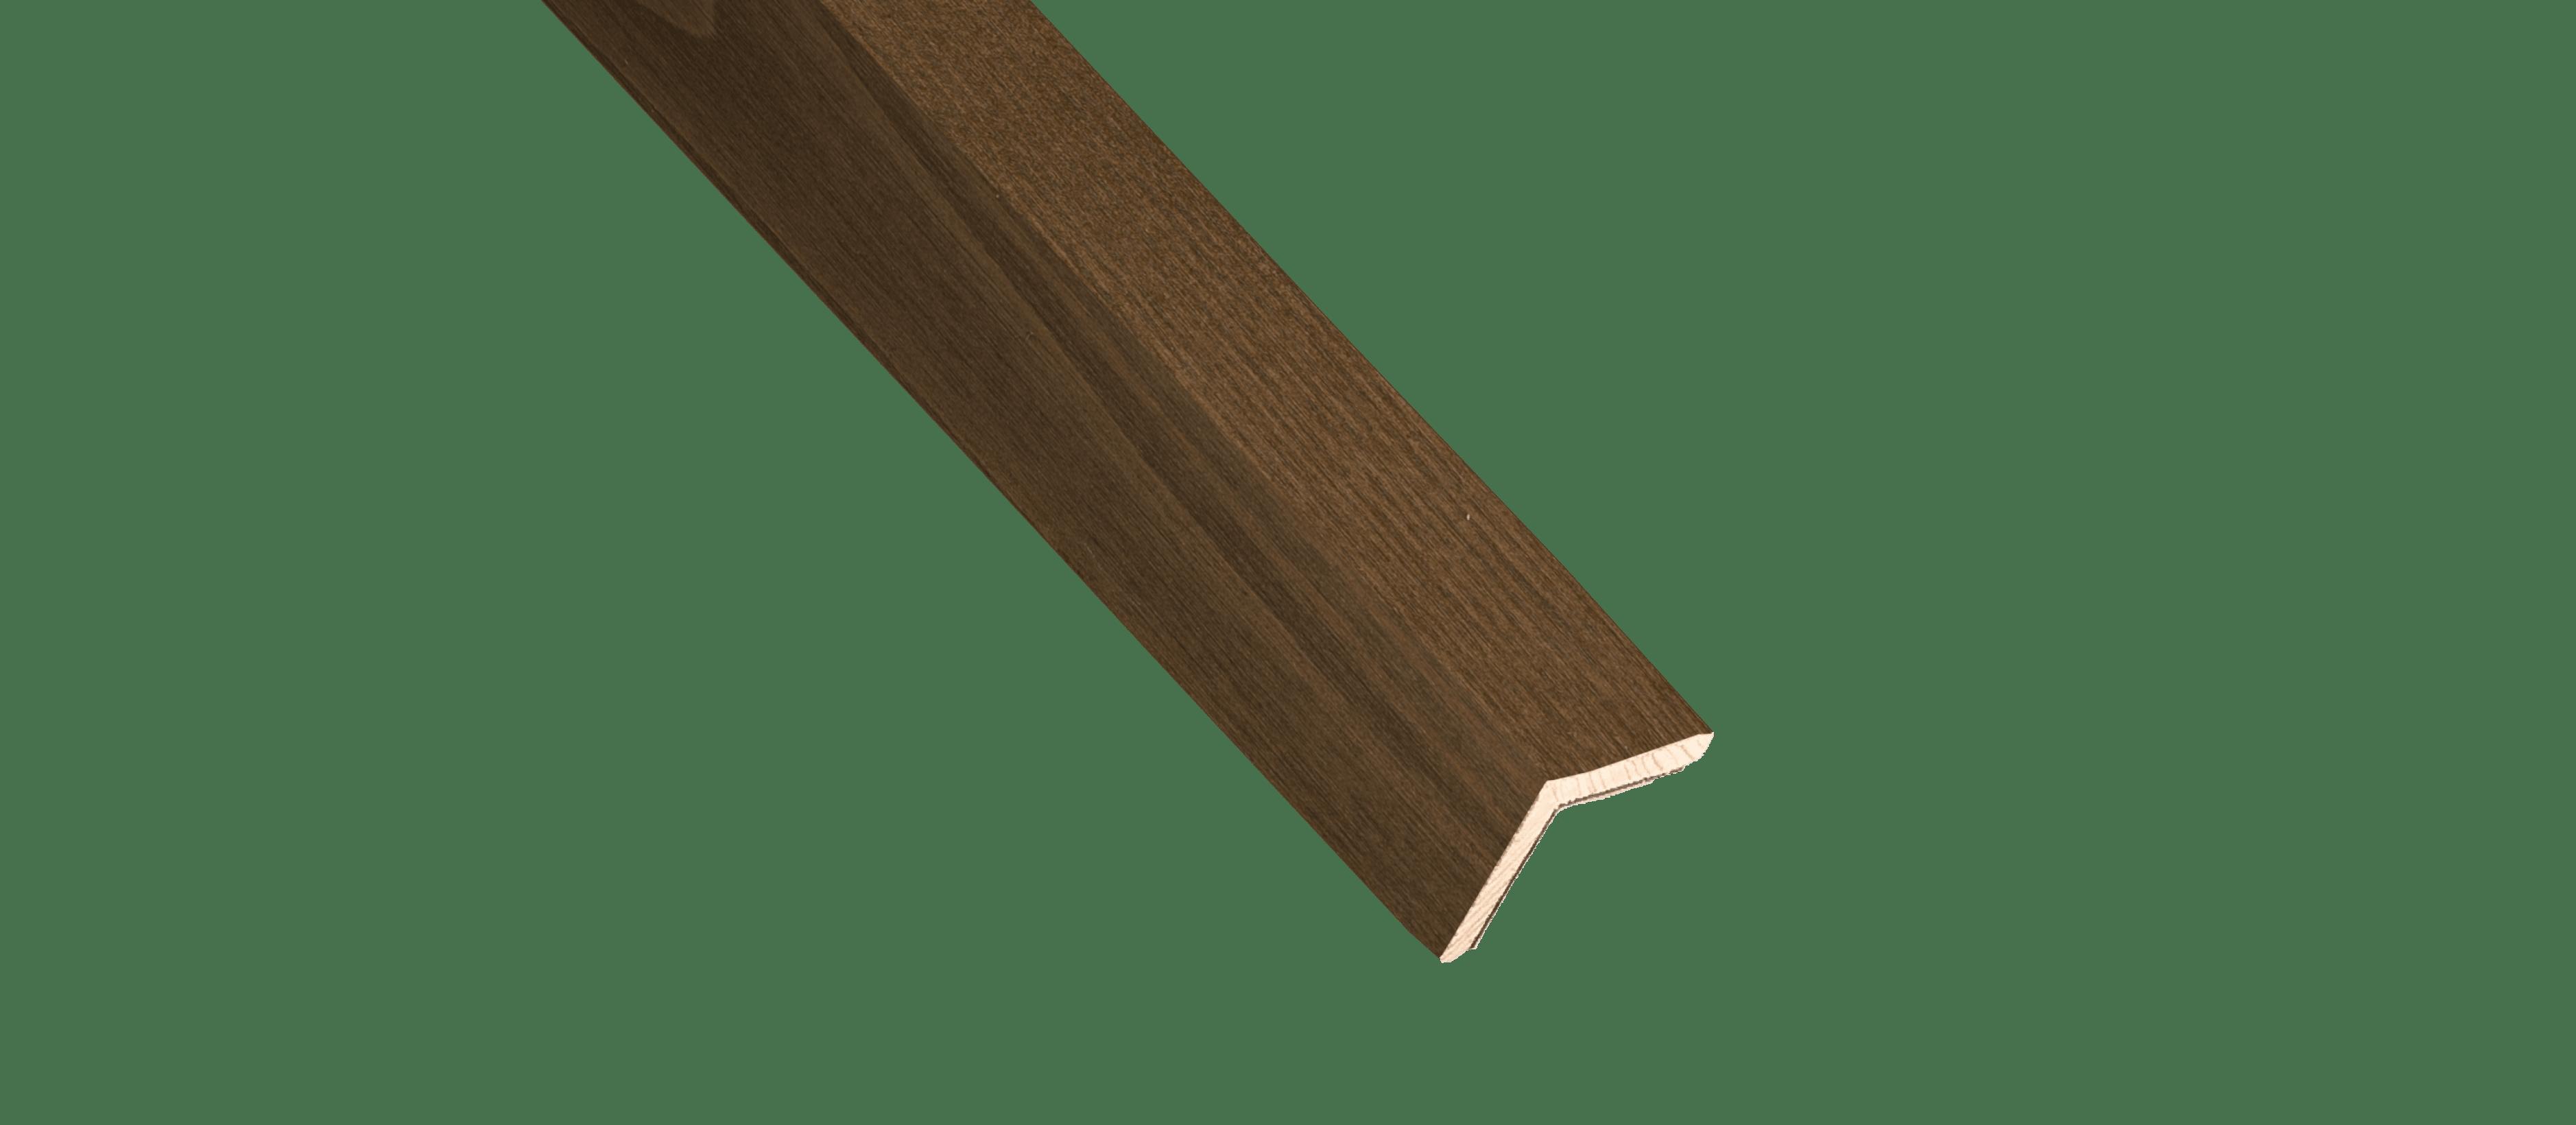 Vandyke Wood Corner Trim Sample